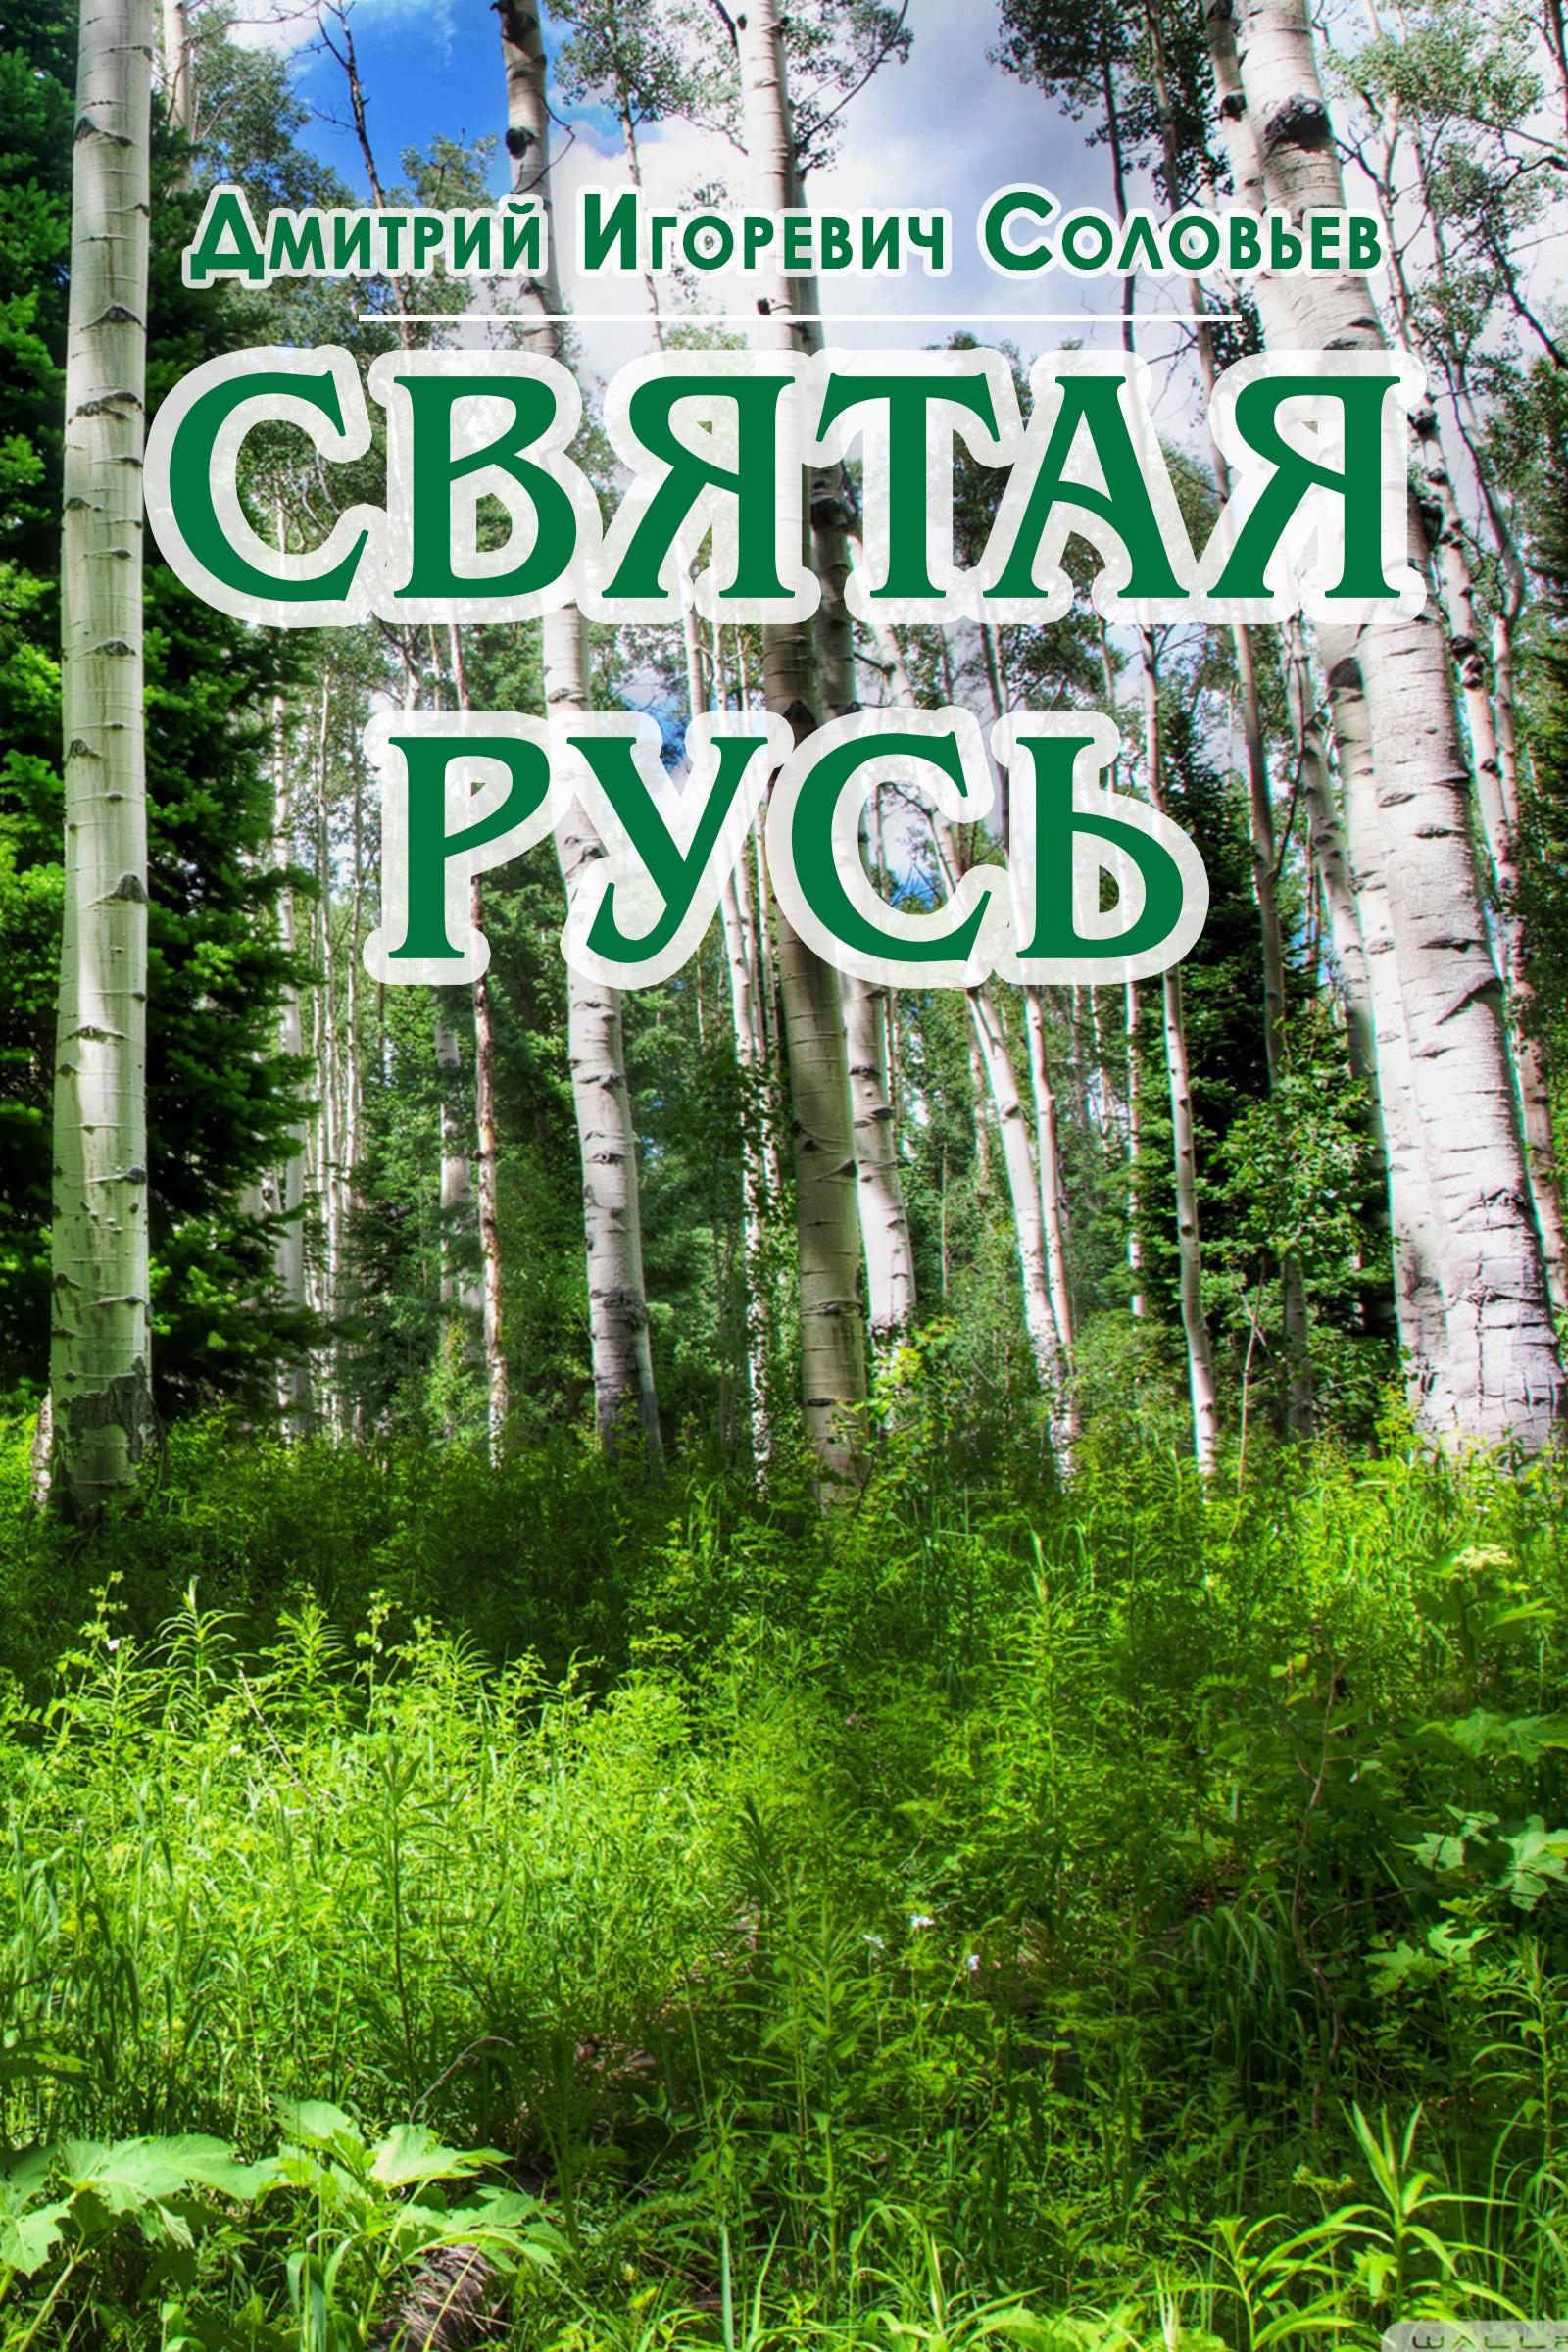 Дмитрий Соловьев Святая Русь платонов о святая русь